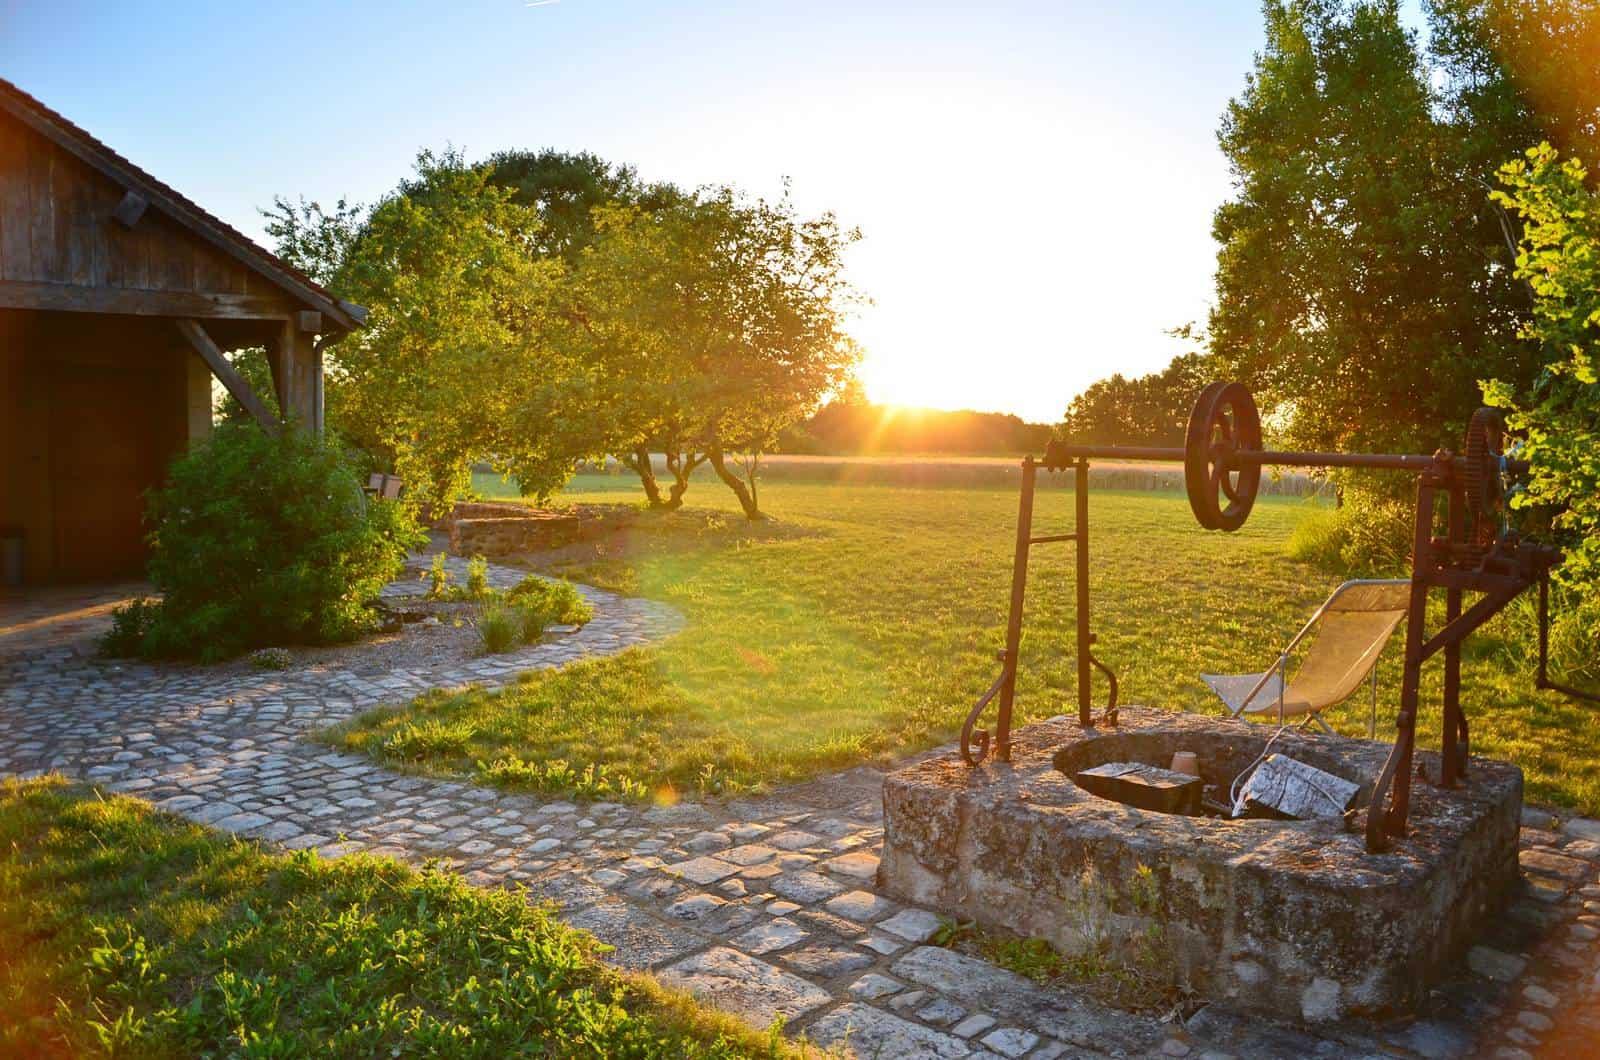 Vieux puits à l'entrée de la pelouse au coucher de soleil - gîte rural de Haute Forêt en Vallée du Loir